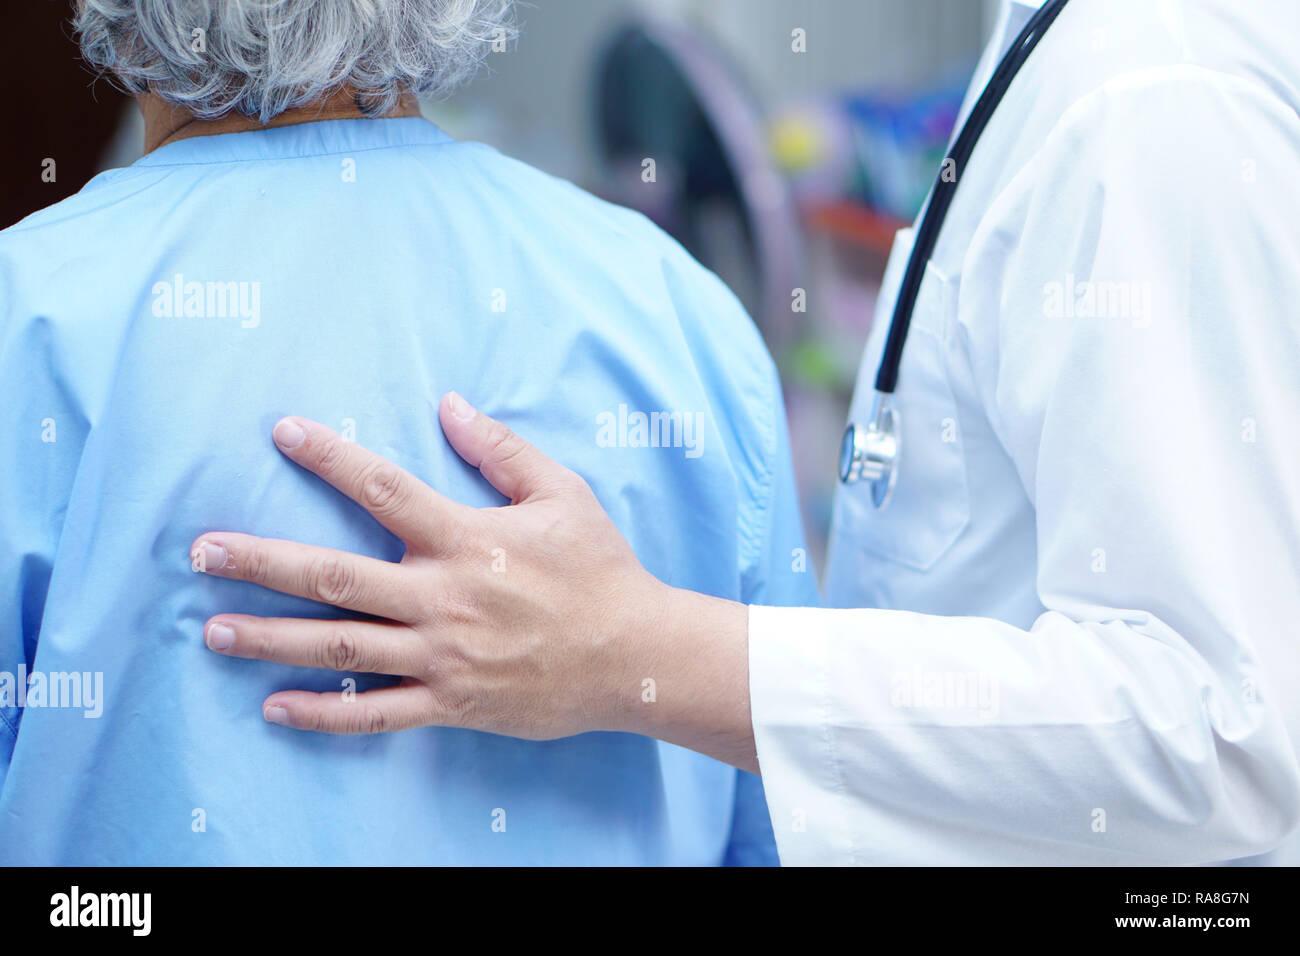 Doctor celebración tocar Asian senior o ancianos anciana mujer paciente con amor, cuidado, ayudar, alentar y empatía en enfermería hospital. Imagen De Stock